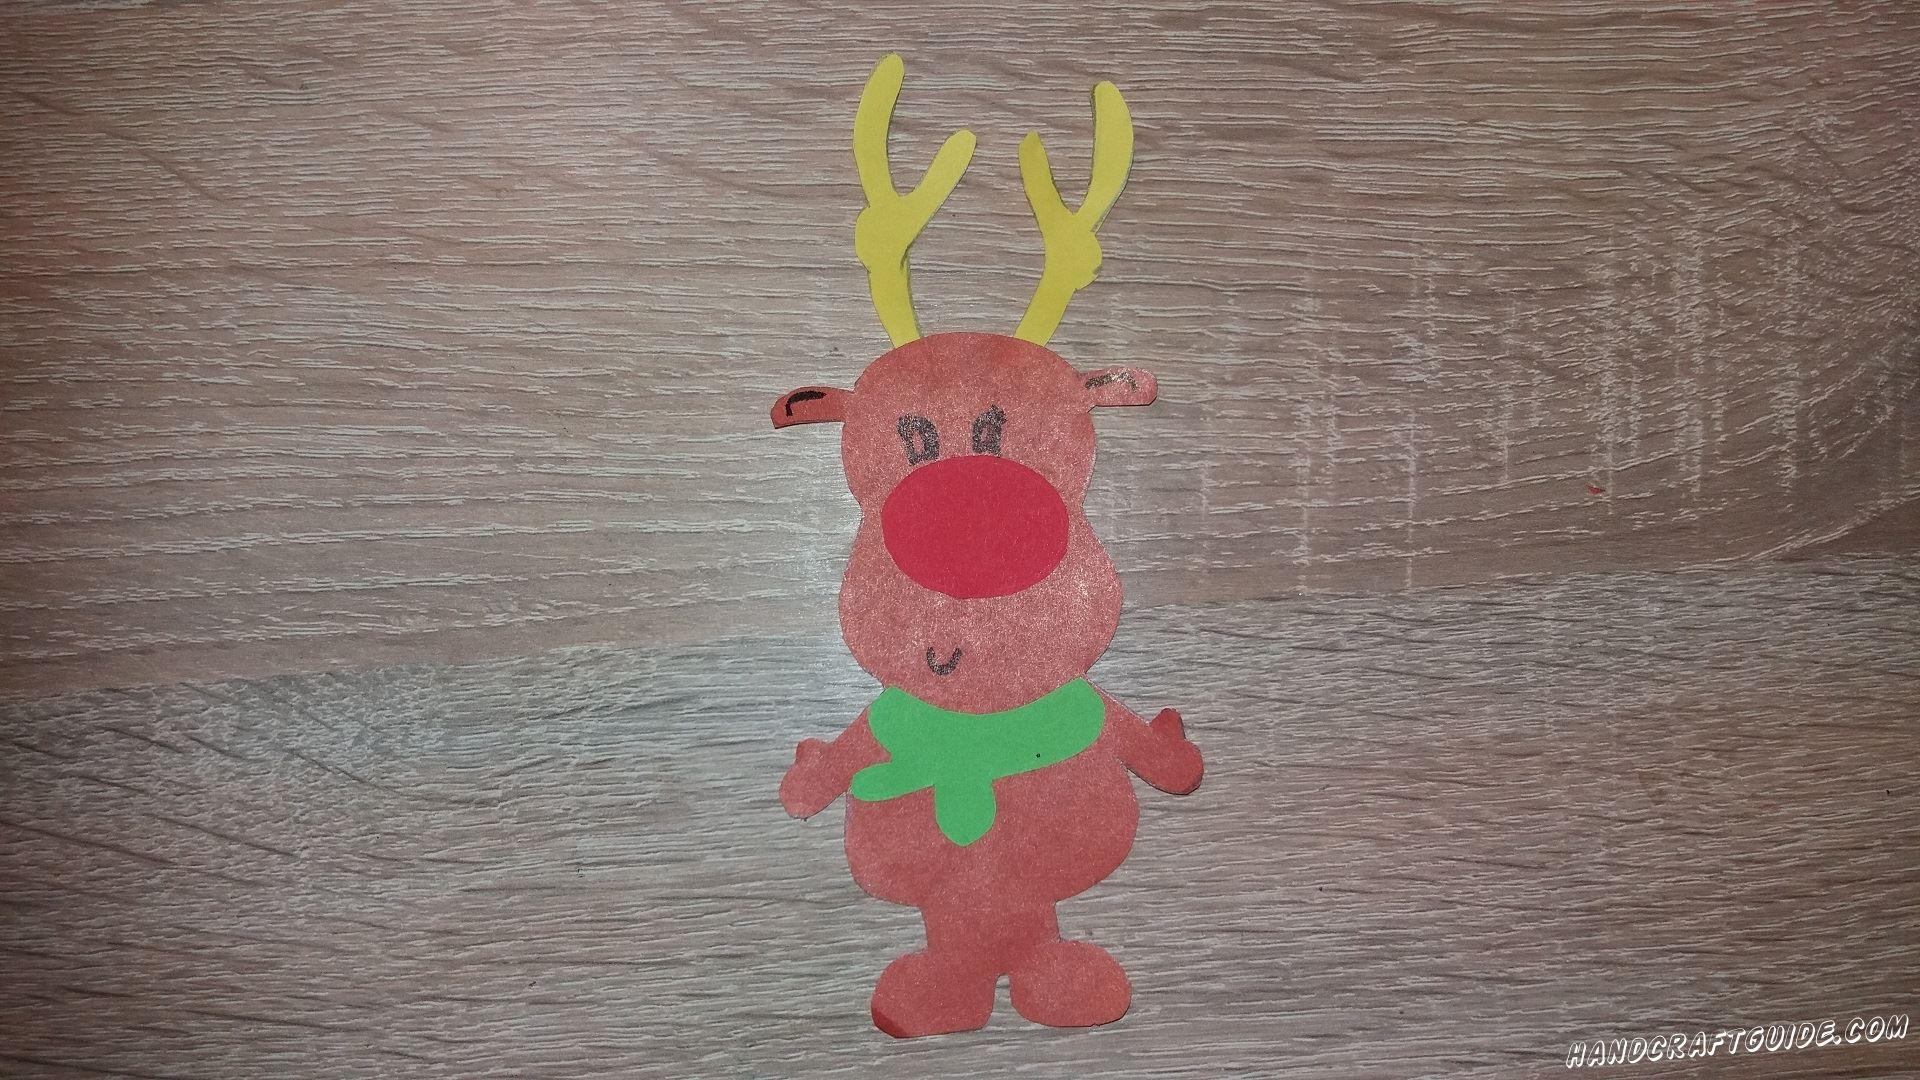 Вот и готов наш волшебный праздничный оленёнок. А мы ждём Вас для выполнения новых поделок.  До новых встреч, друзья!